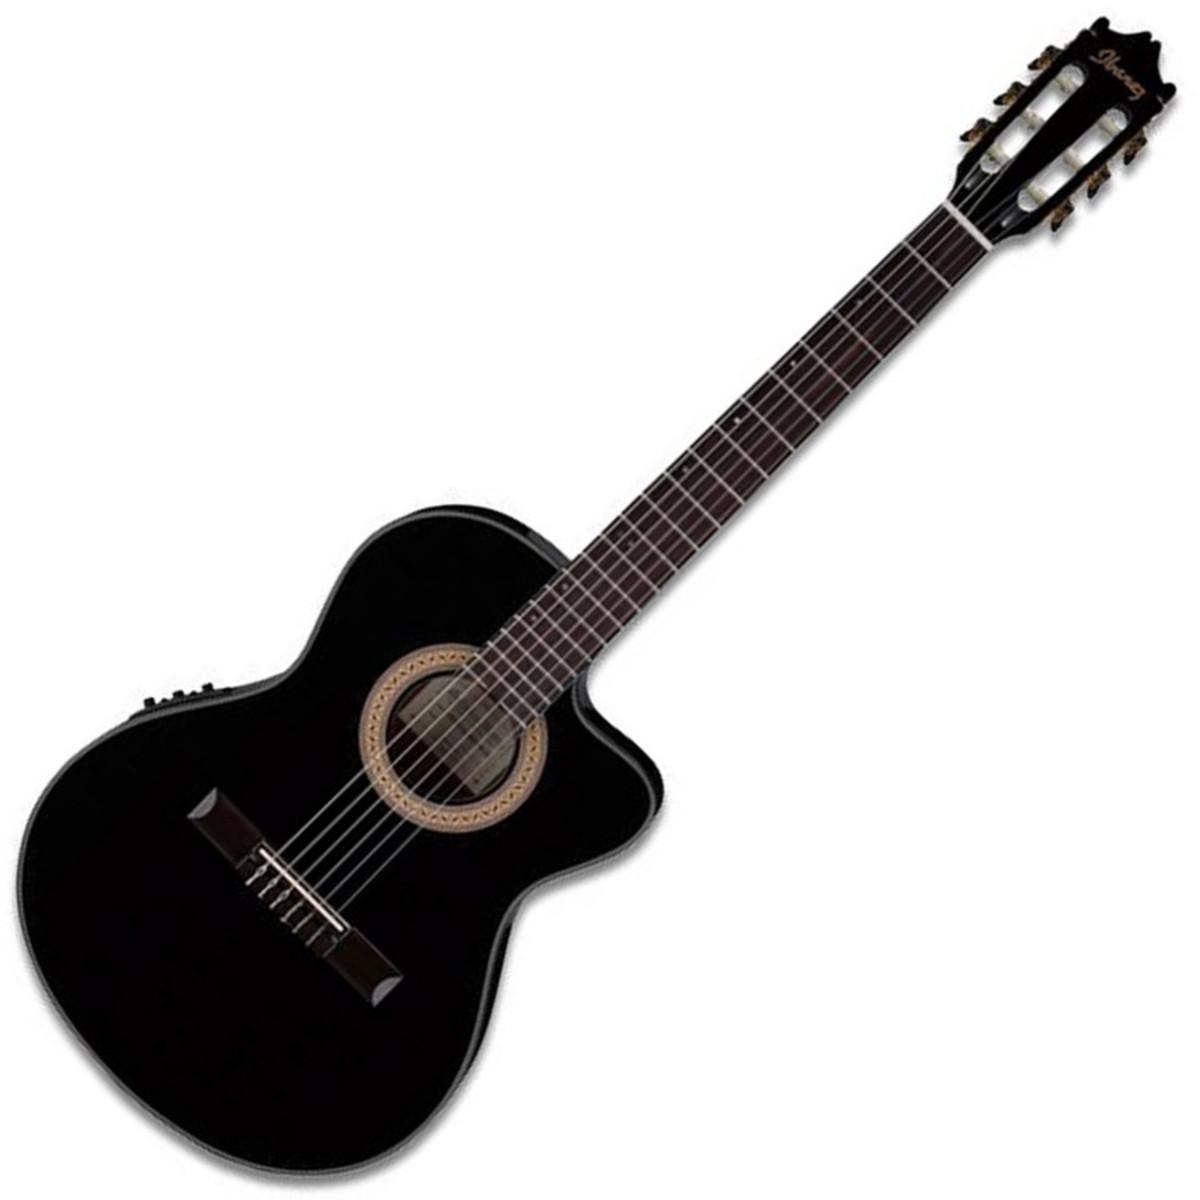 guitare classique electro acoustique de discibanez ga35tce noir. Black Bedroom Furniture Sets. Home Design Ideas